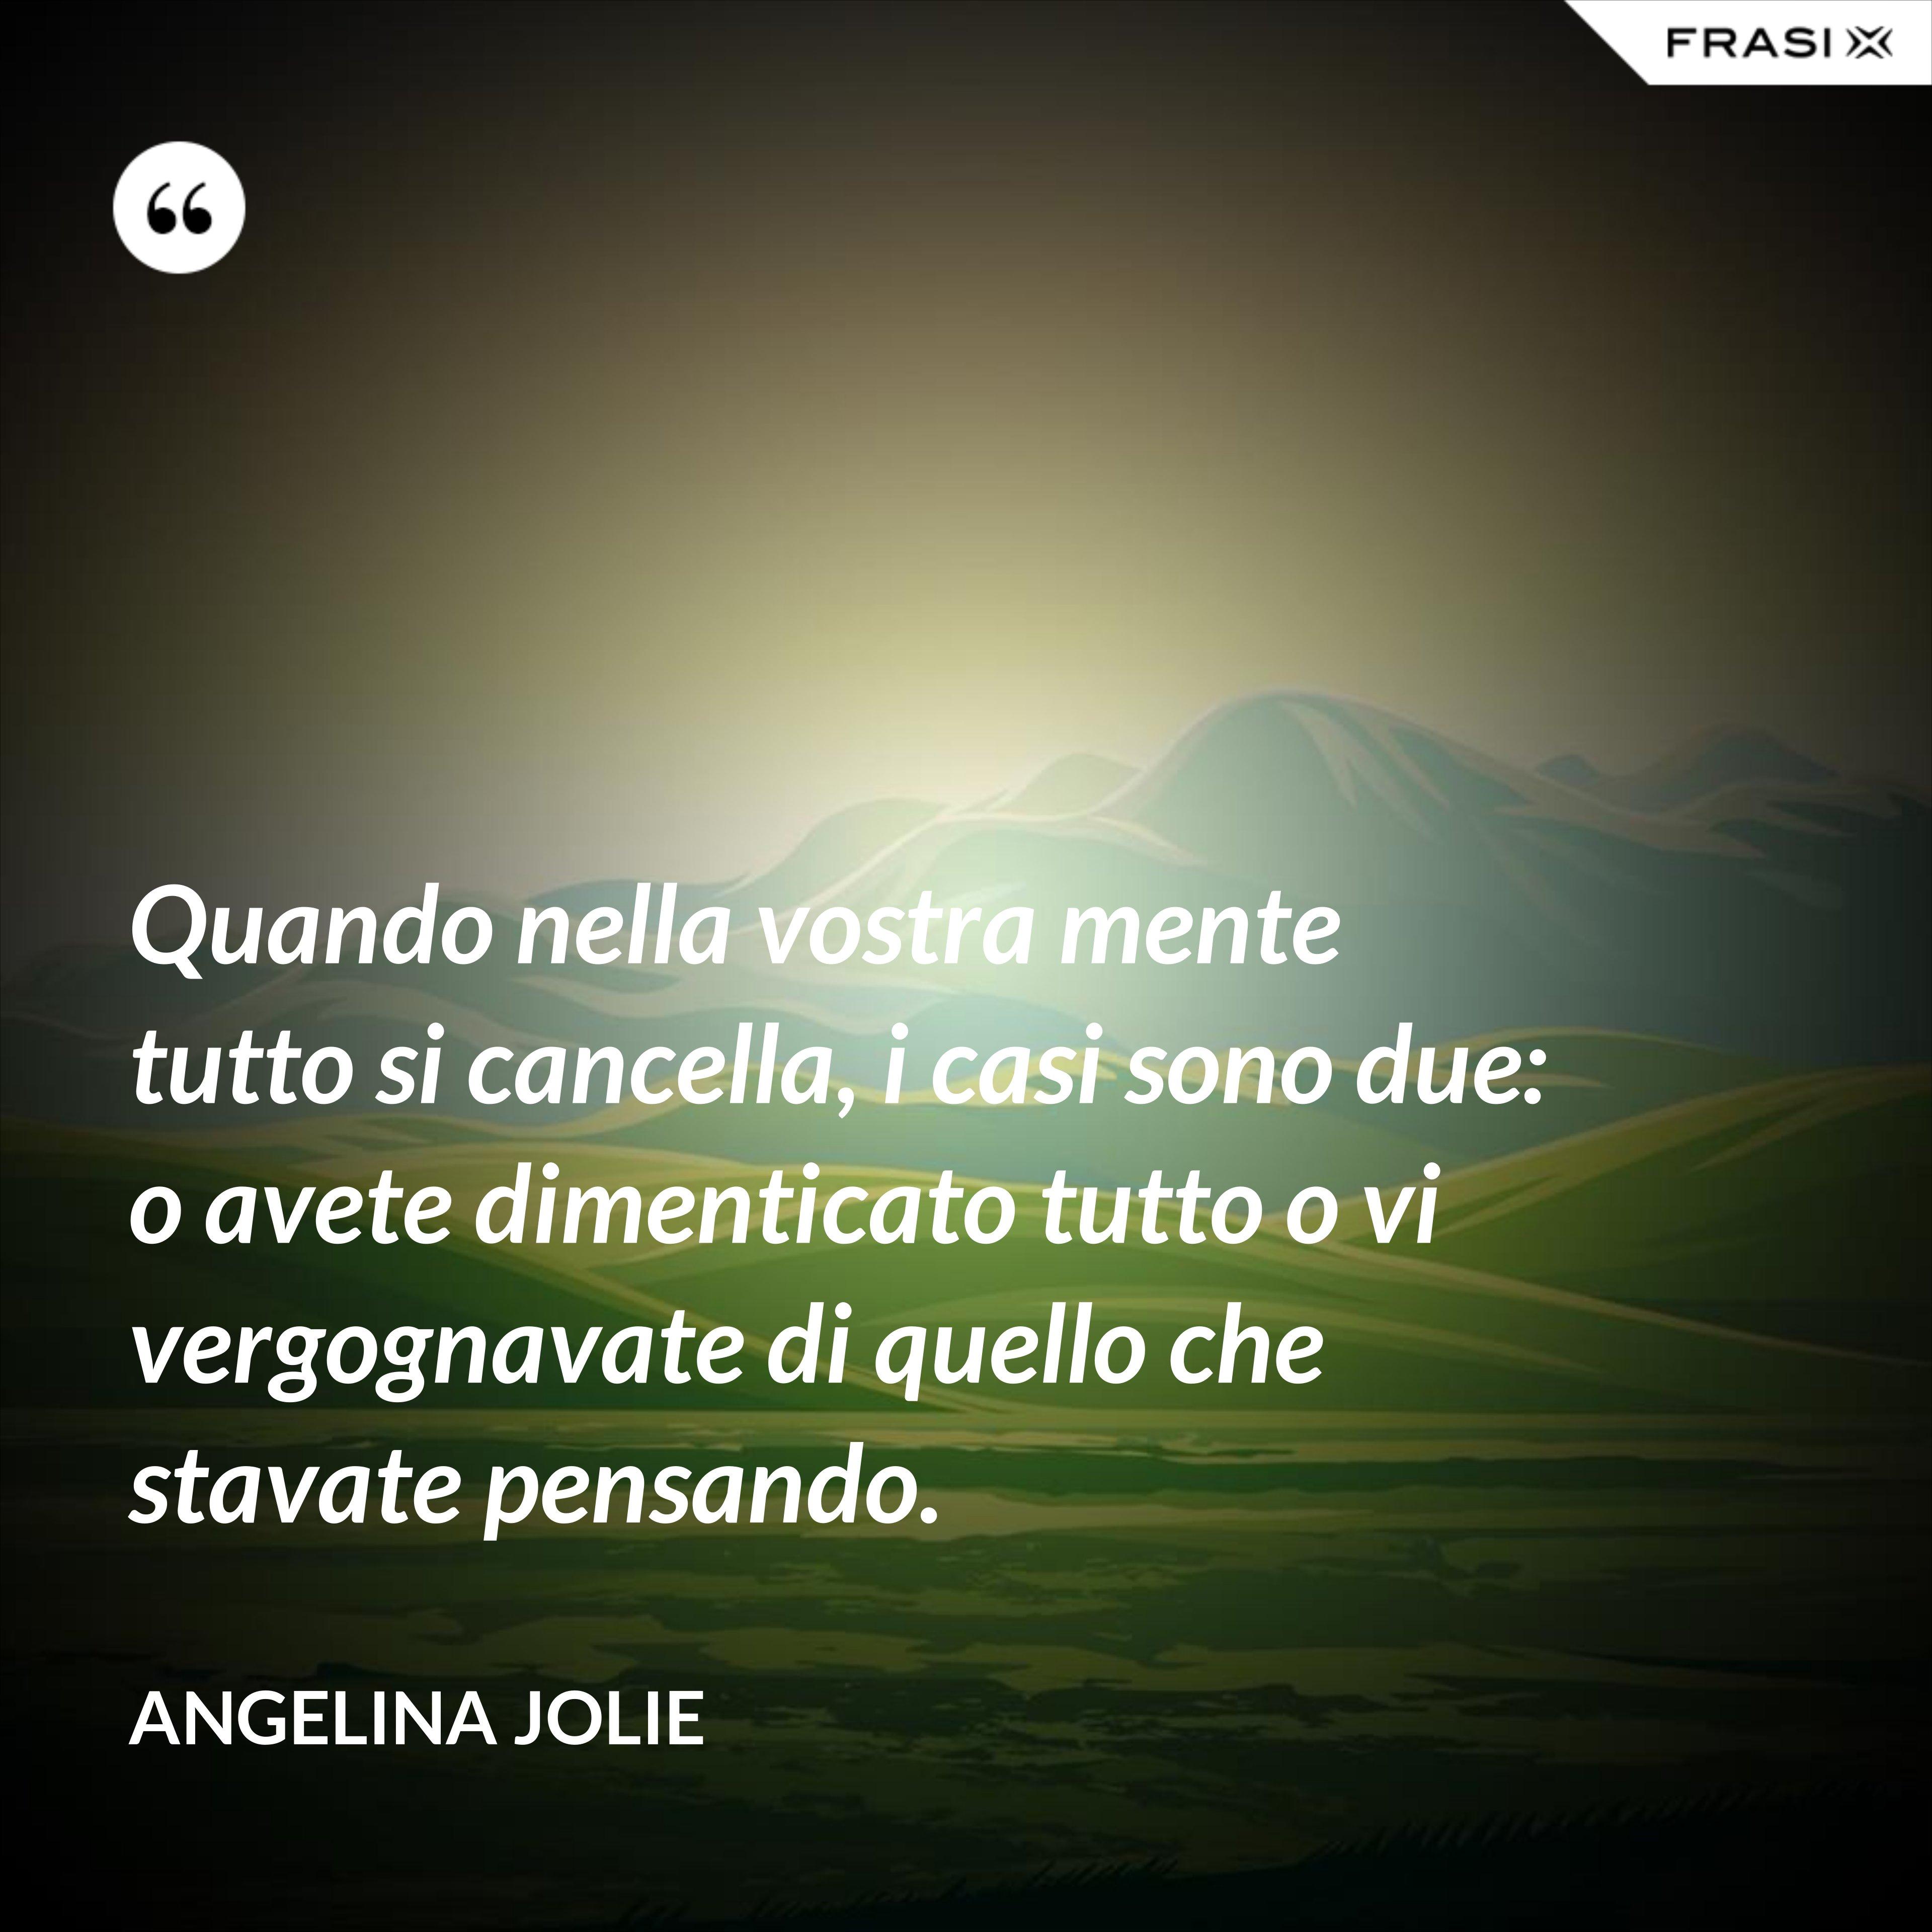 Quando nella vostra mente tutto si cancella, i casi sono due: o avete dimenticato tutto o vi vergognavate di quello che stavate pensando. - Angelina Jolie